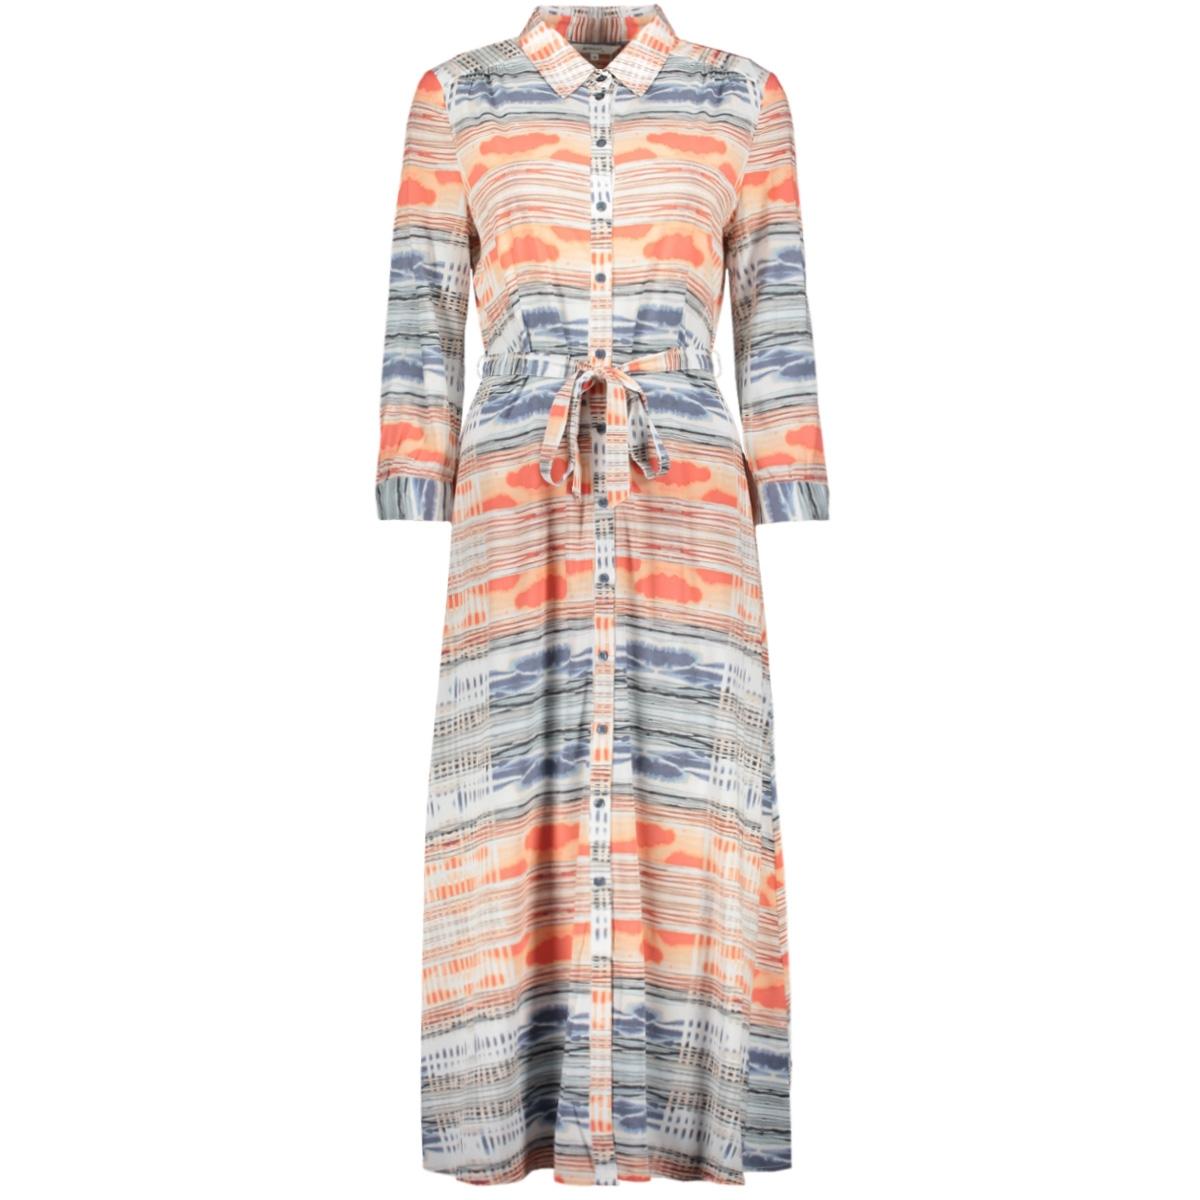 jurk met grafische print 23001790 sandwich jurk 20139